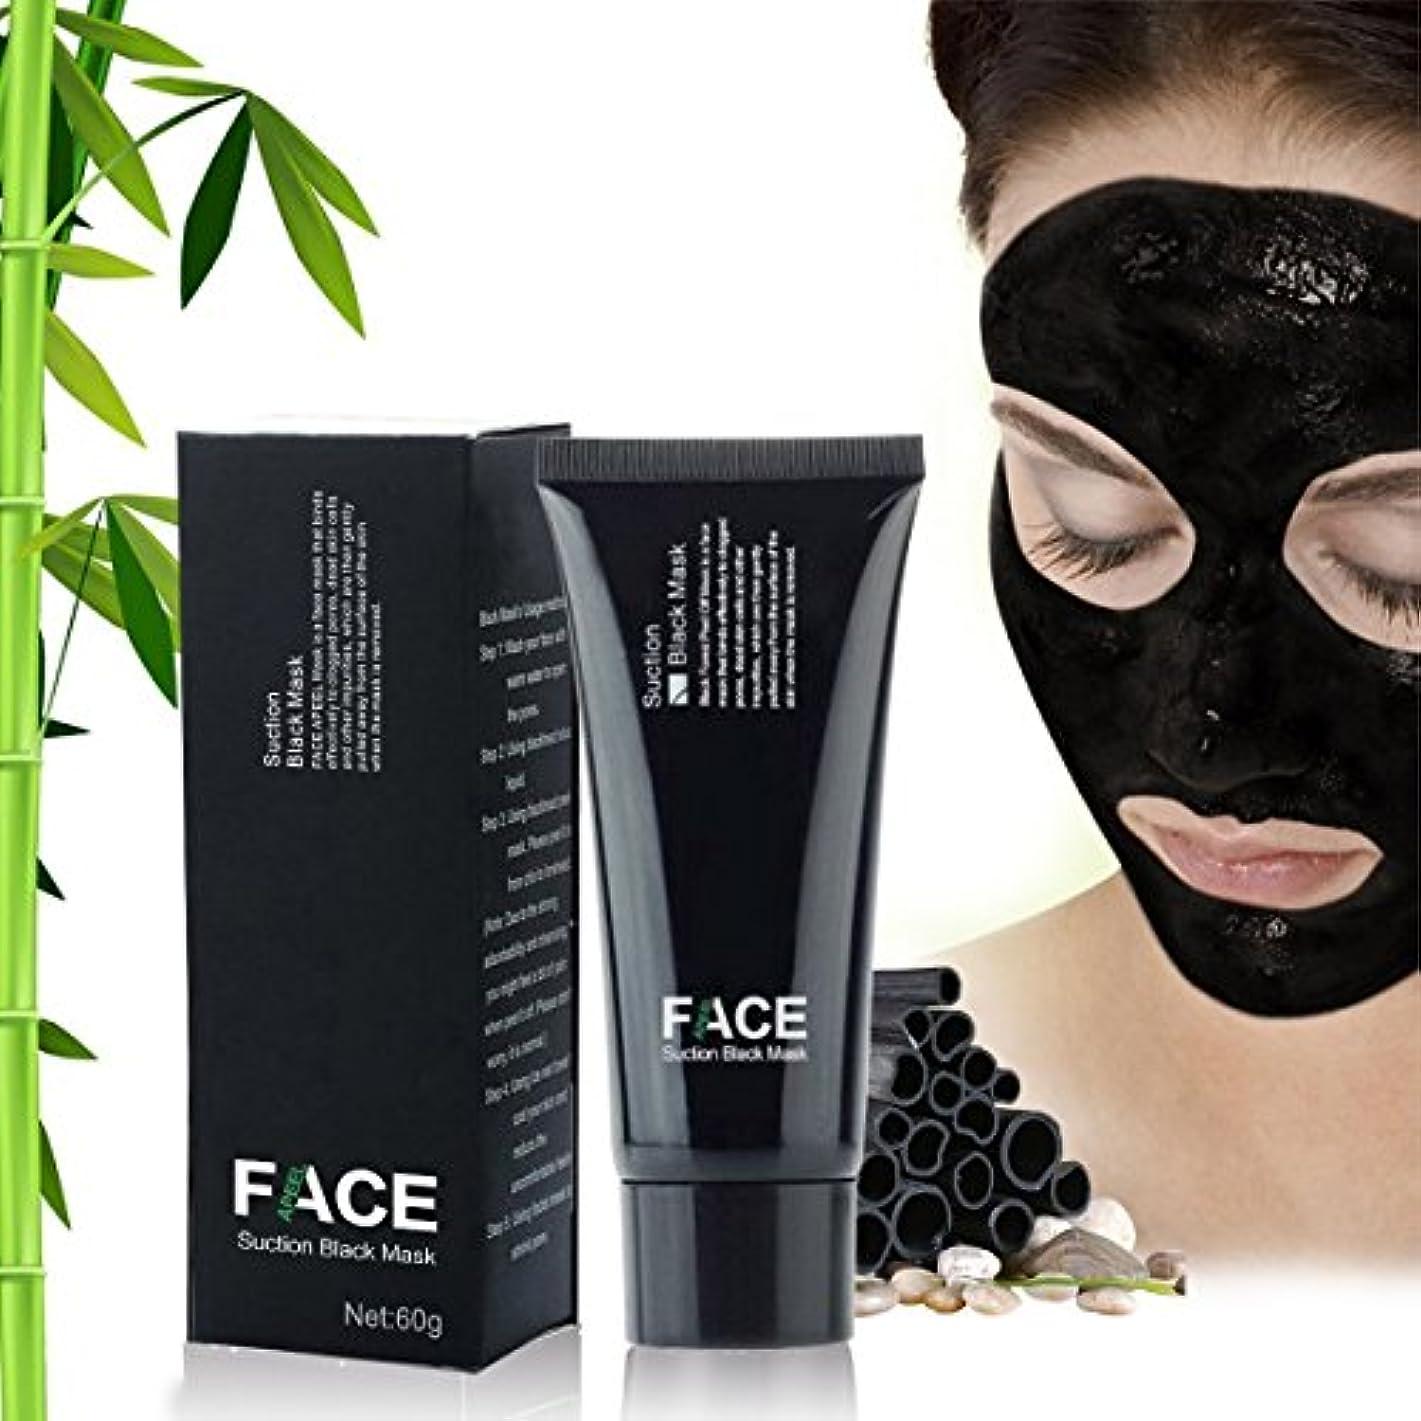 隙間線受付Face Apeel Blackhead Remover - Peel-off Mask for Men and Women - Deep Cleans Better than Pore Strips for Instantly